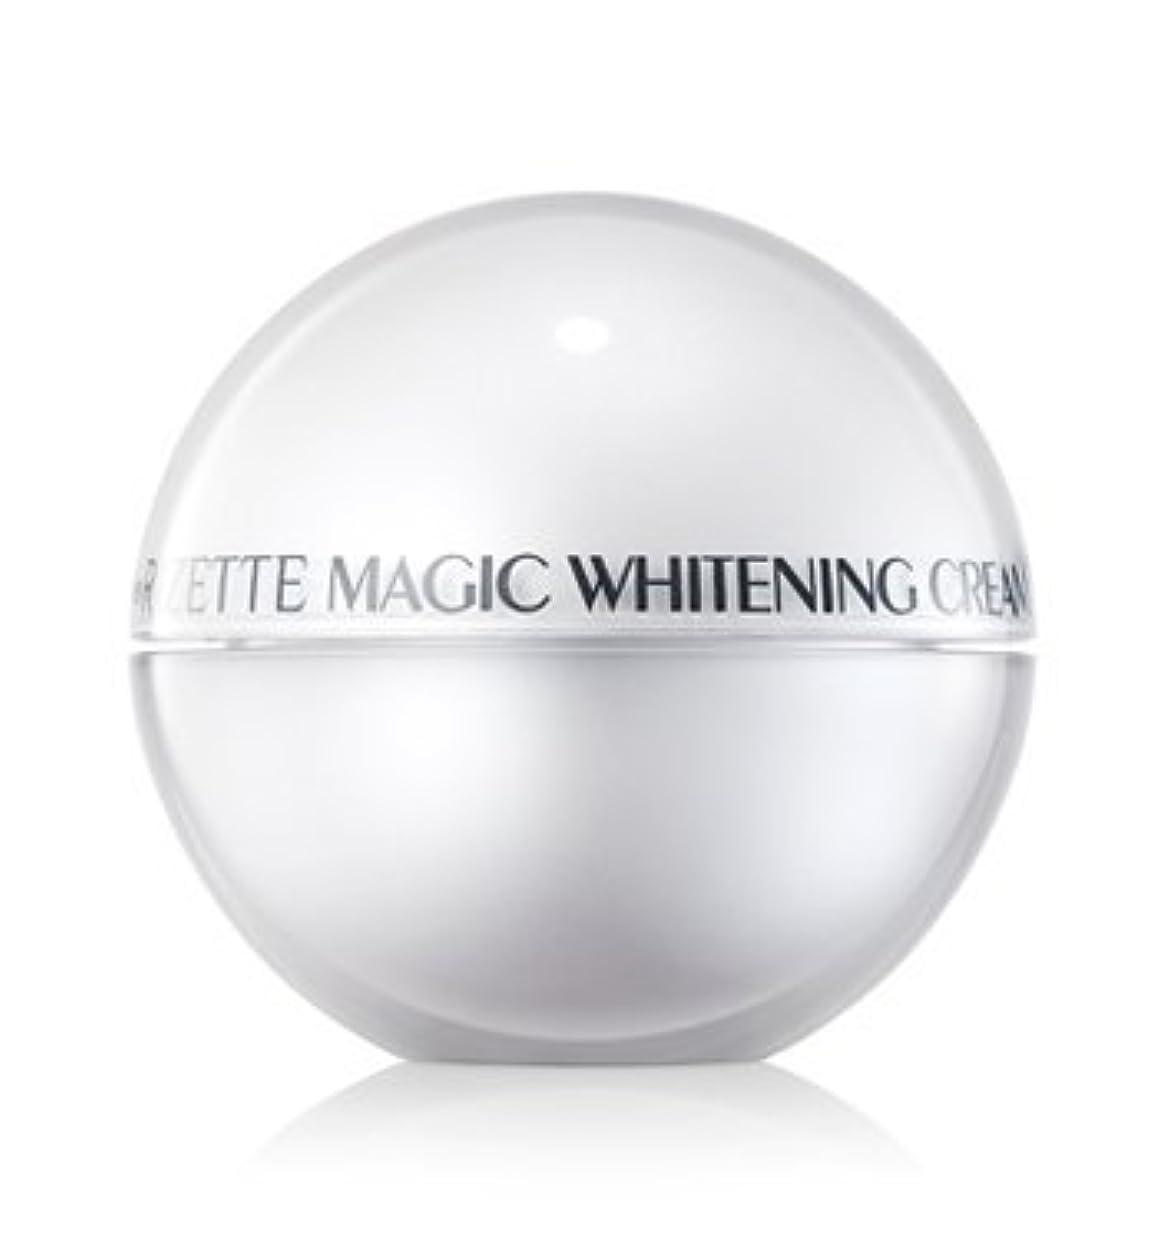 韓国語期待して特異なリオエリ(Lioele) Rizette マジック ホワイトニング クリーム プラス/ Lioele Rizette Magic Whitening Cream Plus[並行輸入品]